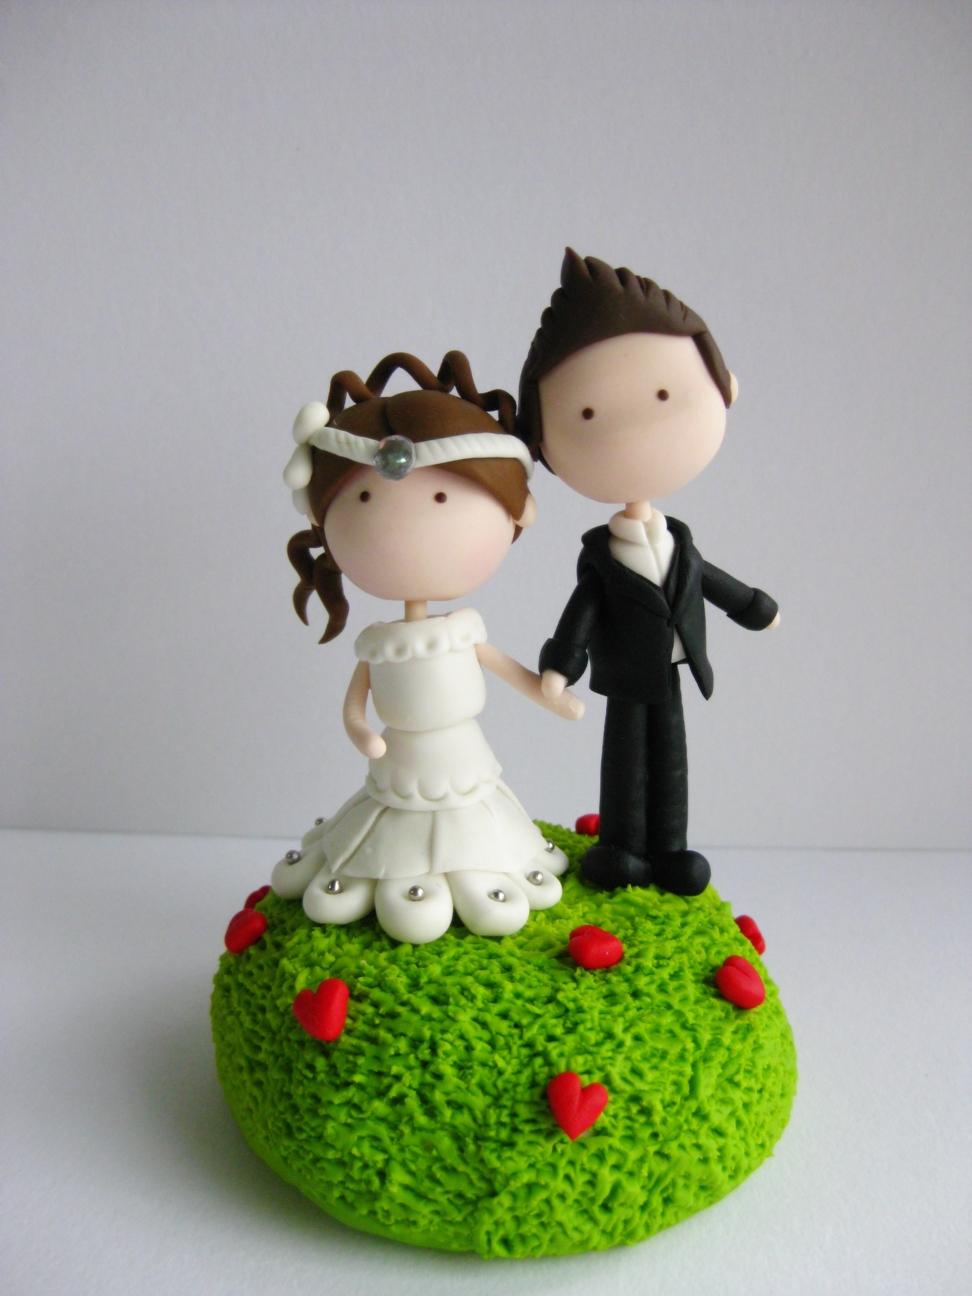 Wedding Clay Cake Topper - Garden of Love (Not Edible)